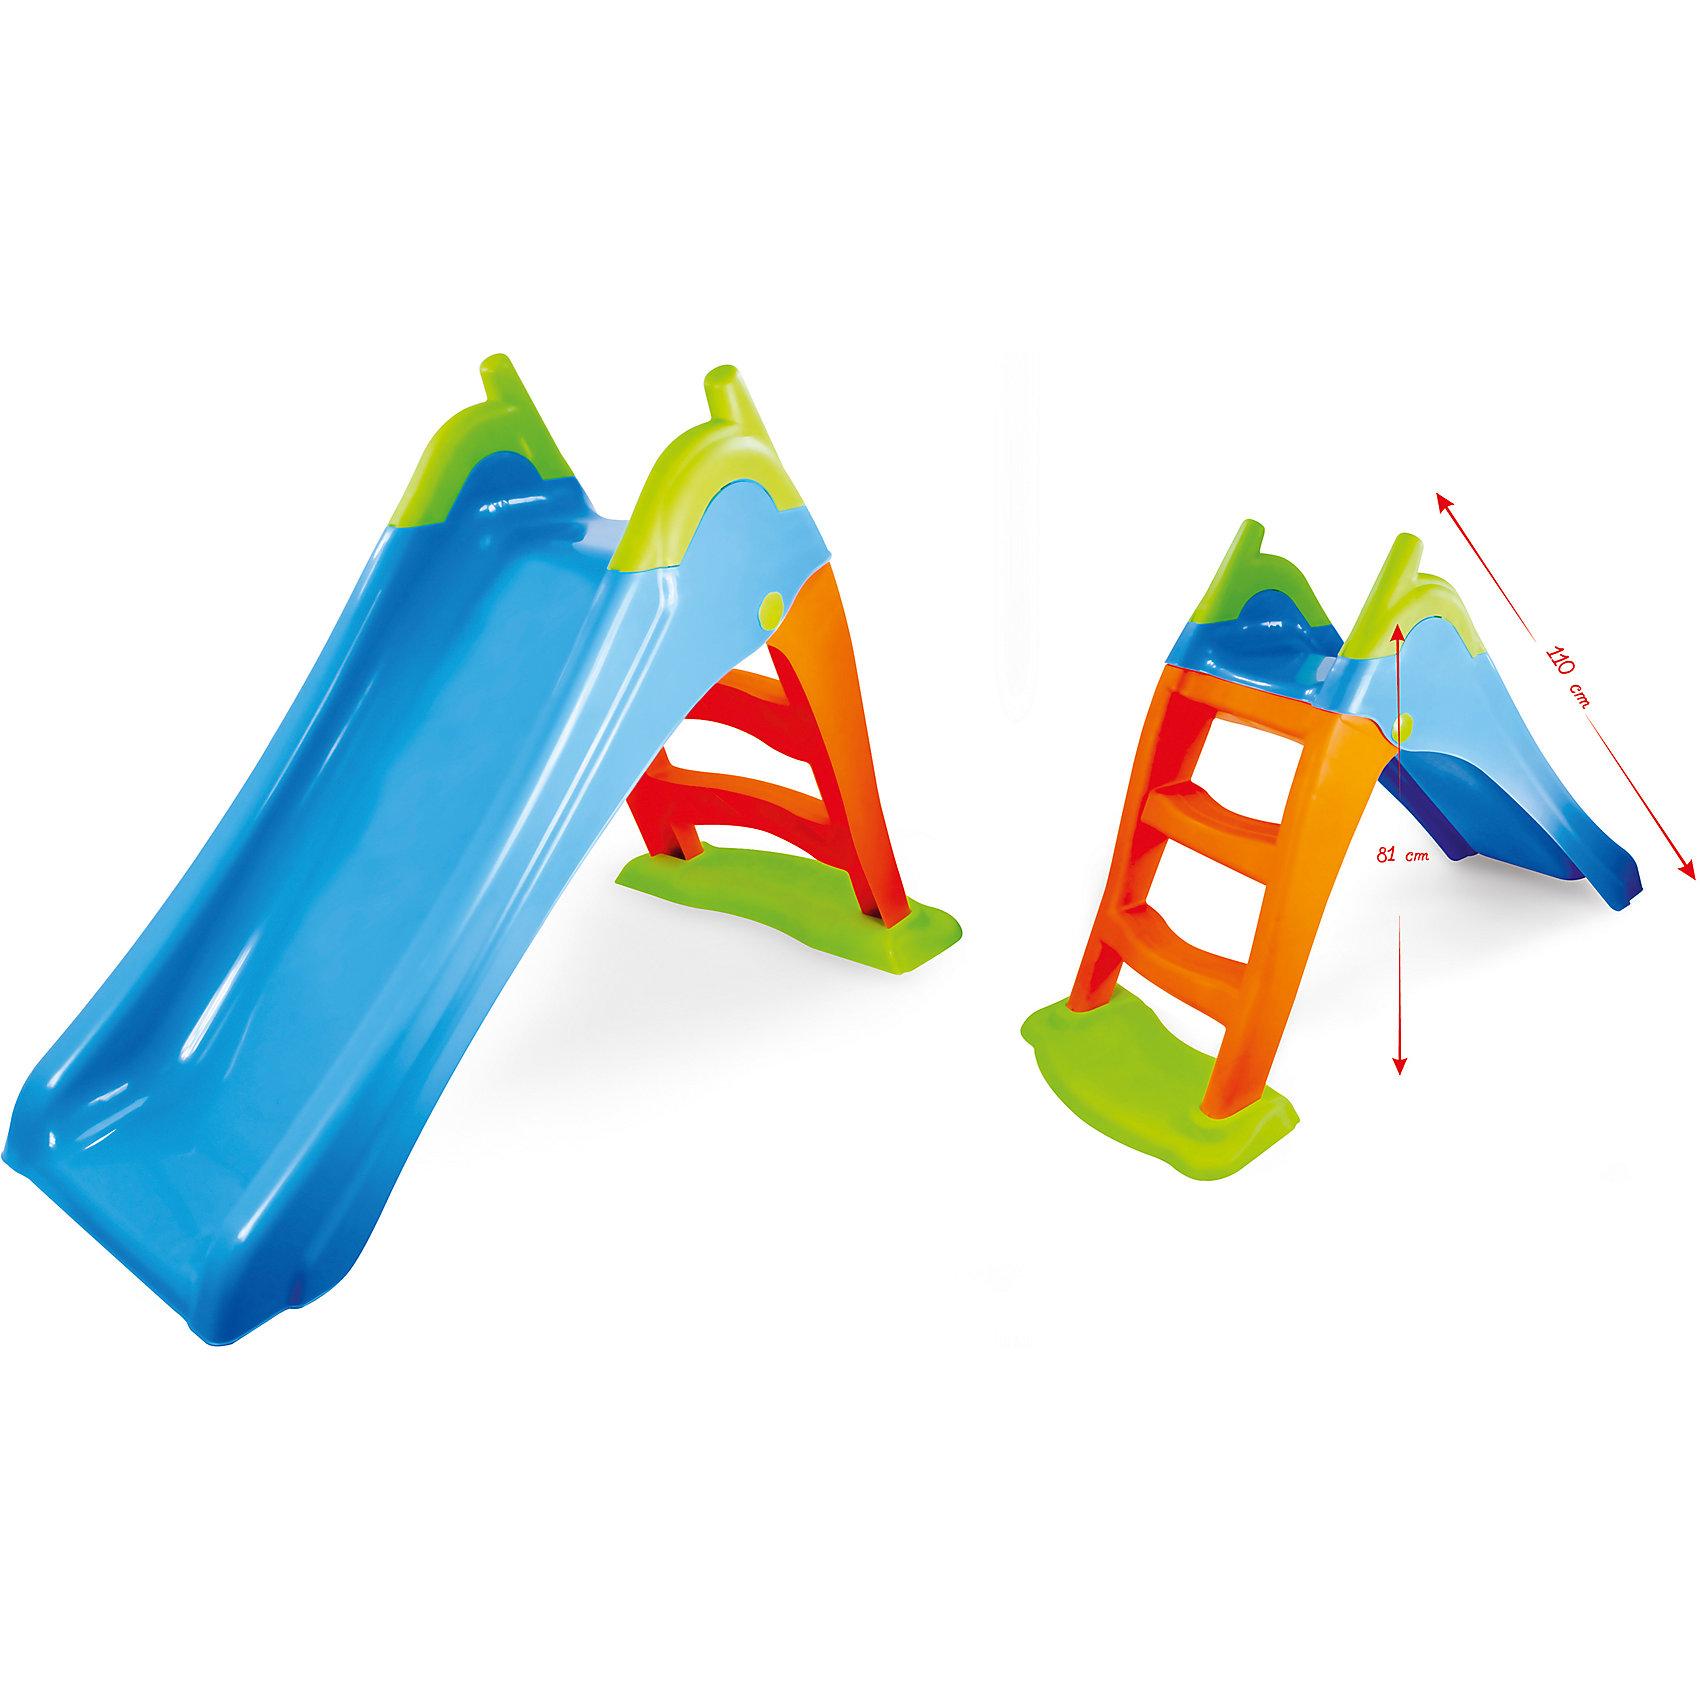 Горка детская, MochtoysГорки<br>Физическое воспитание играет немаловажную роль для ребенка. Одним из элементов подвижных игр являются горки. Однако времена, когда детскую горку можно было найти только на площадке, прошли. Сегодня детская горка Mochtoys поможет весело провести время малышу не только на улице, но и дома, а также в детском саду. Достаточно простая в сборке и эксплуатации, эта горка доставит ребенку массу удовольствия, а родителям не причинит много хлопот, так как не занимает много места.<br><br>Ширина мм: 1280<br>Глубина мм: 550<br>Высота мм: 810<br>Вес г: 5990<br>Возраст от месяцев: 24<br>Возраст до месяцев: 84<br>Пол: Унисекс<br>Возраст: Детский<br>SKU: 5510713